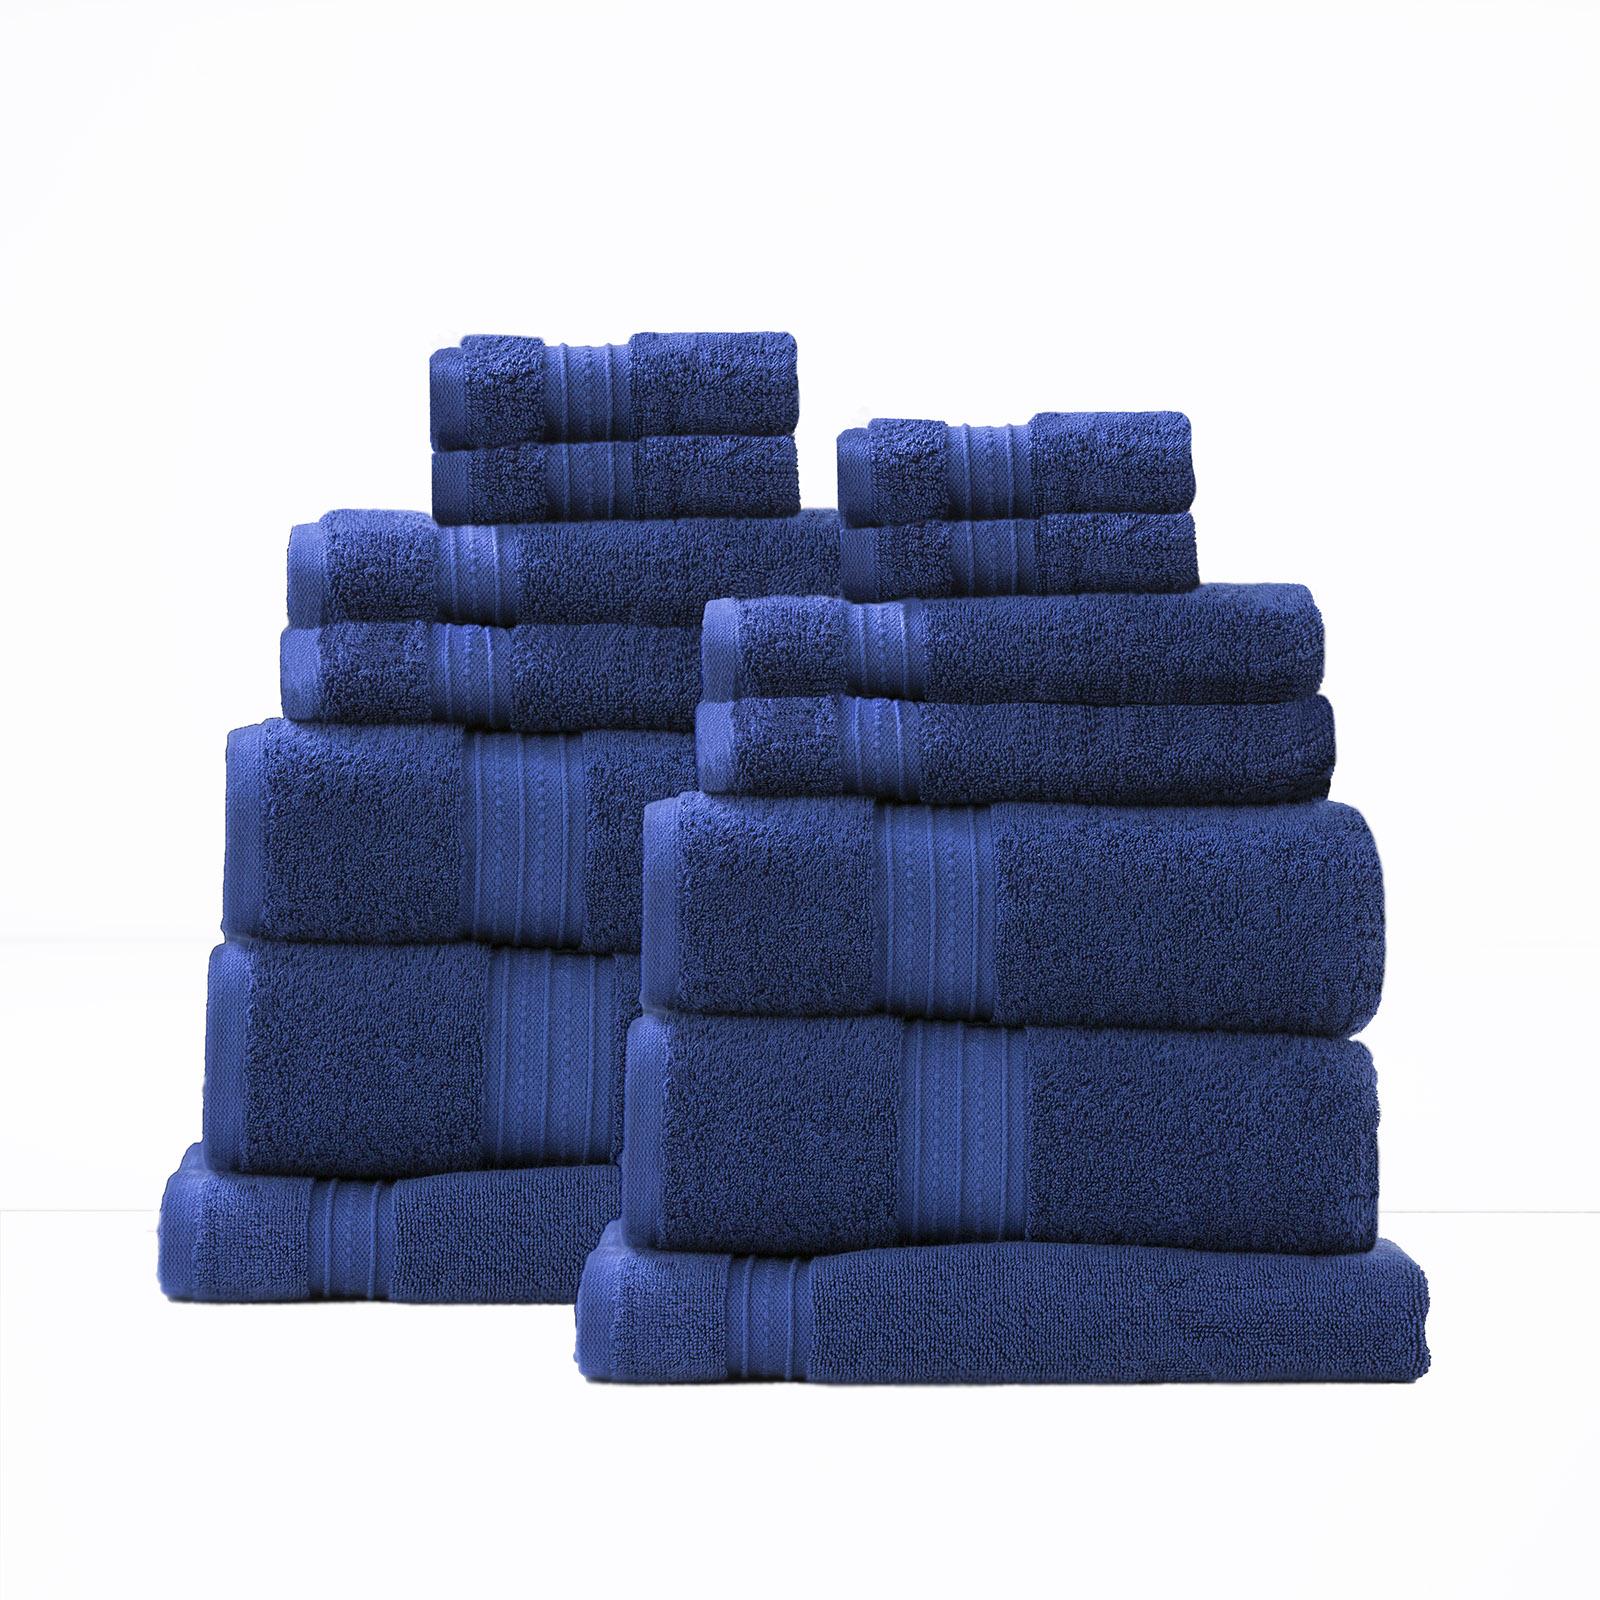 14 Piece Combed Cotton Zero Twist Towels 650 gsm | Royal Blue